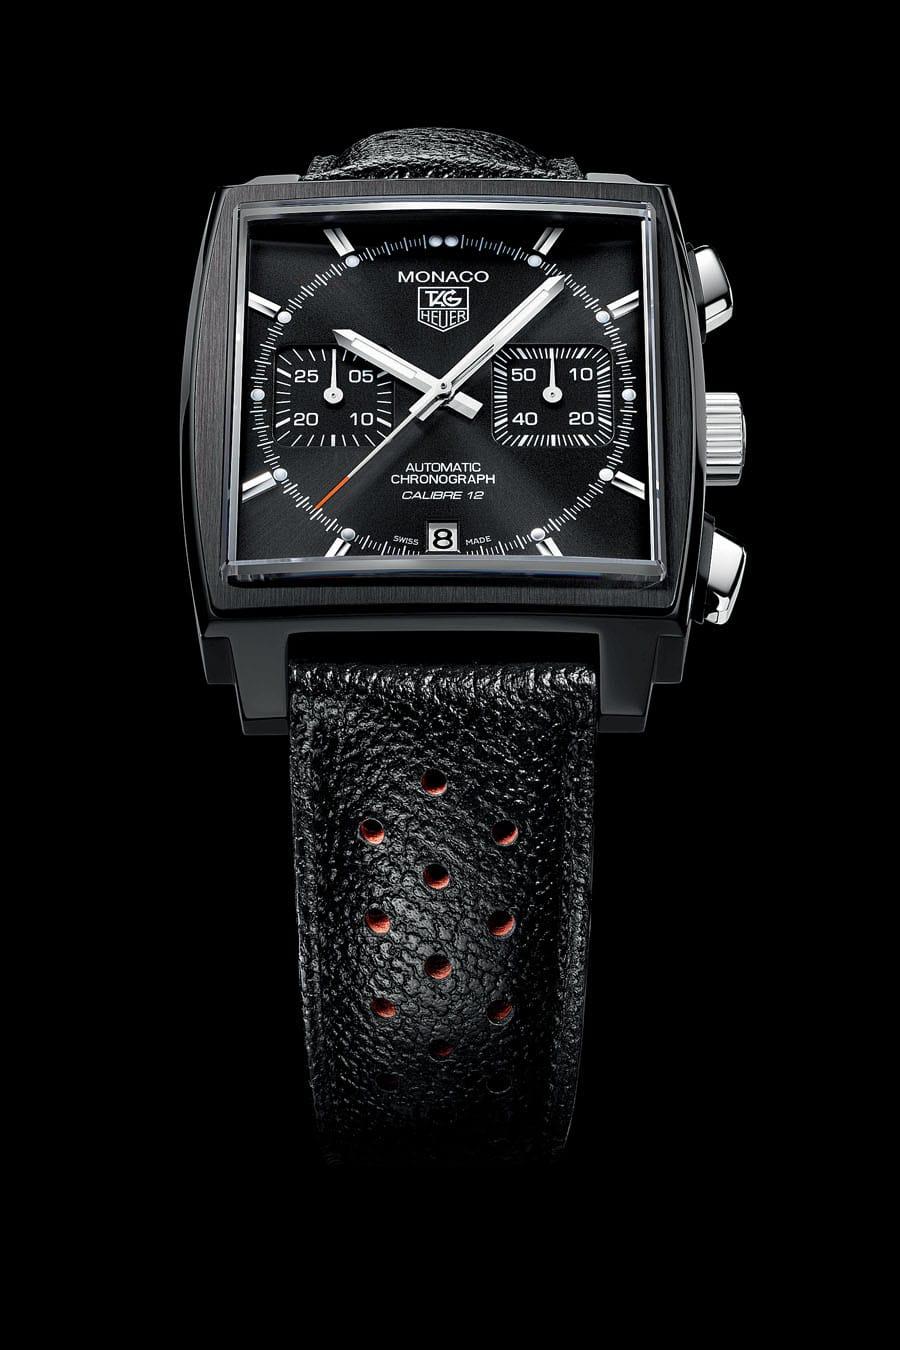 Anders als sein Vorgänger von 2012, der Akzente in Weiß und Orange bietet, hält sich dieser Monaco-Chronograph bedeckt.